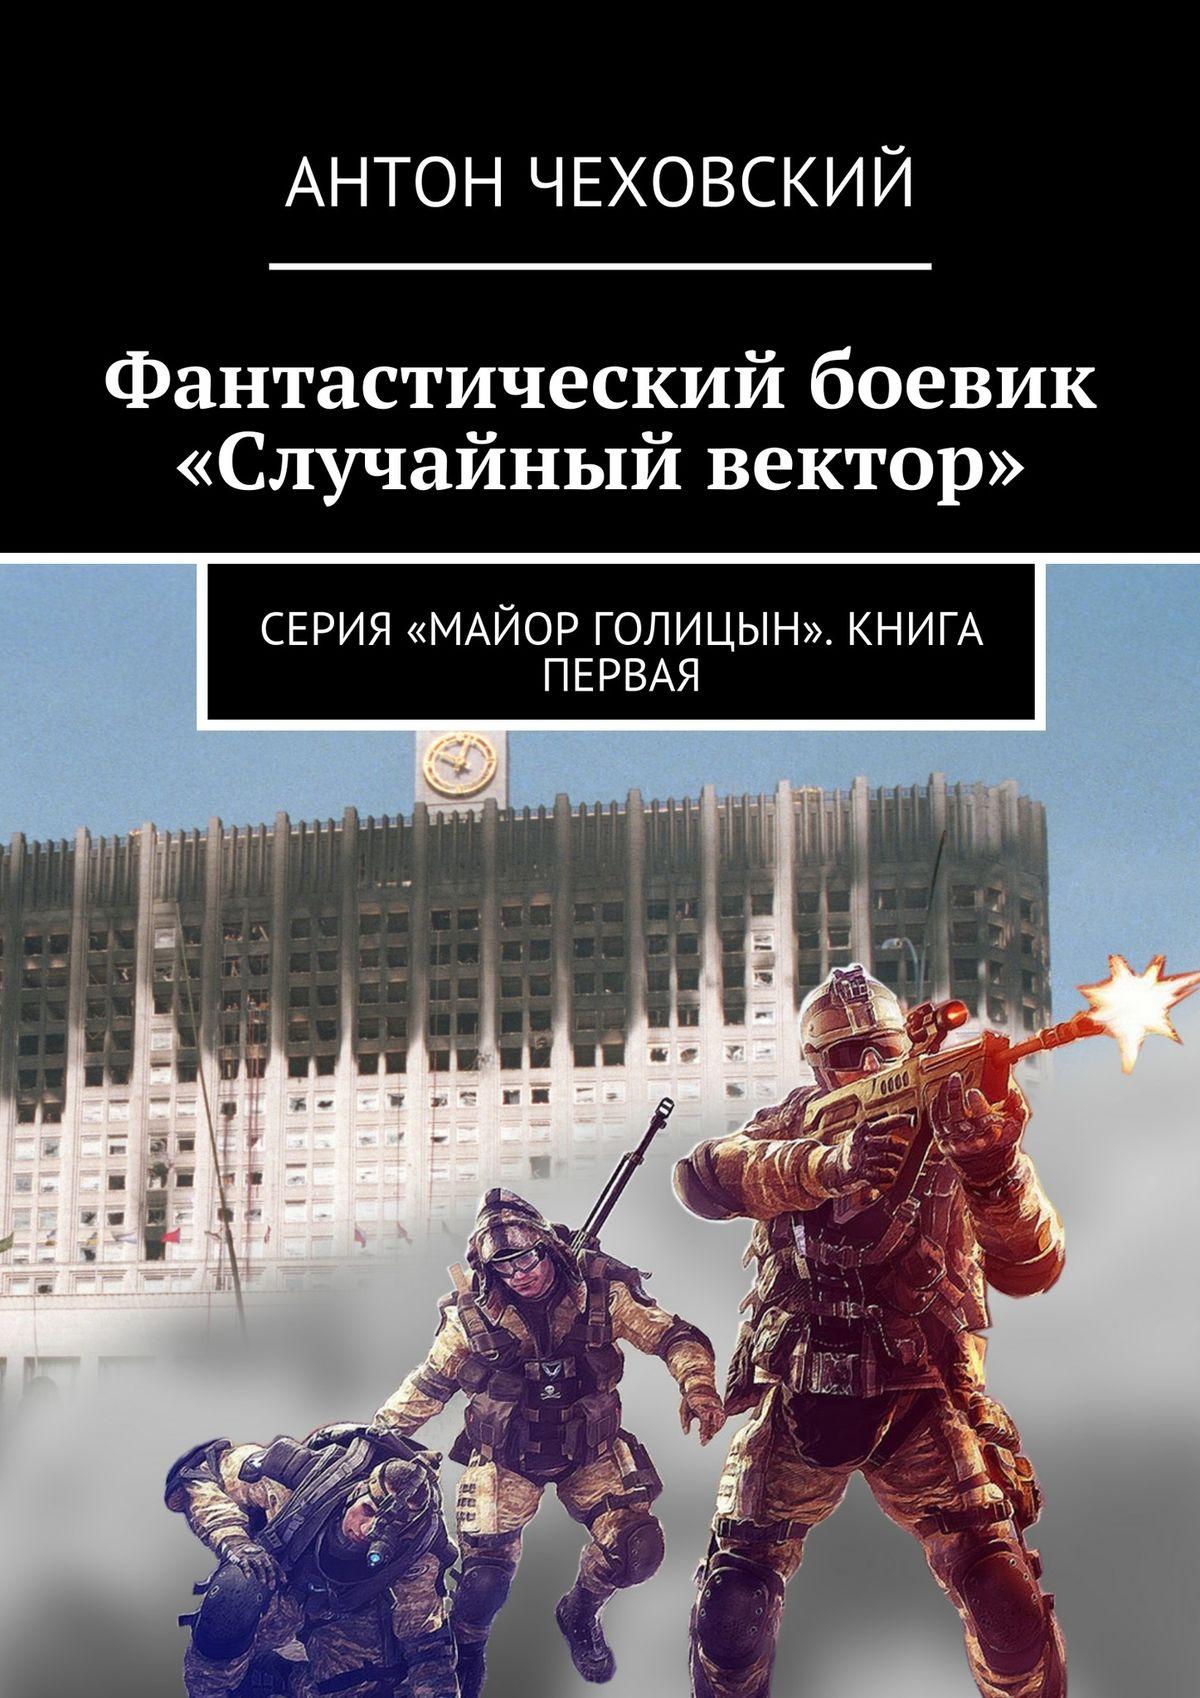 Фантастический боевик «Случайный вектор». Серия «Майор Голицын». Книга первая